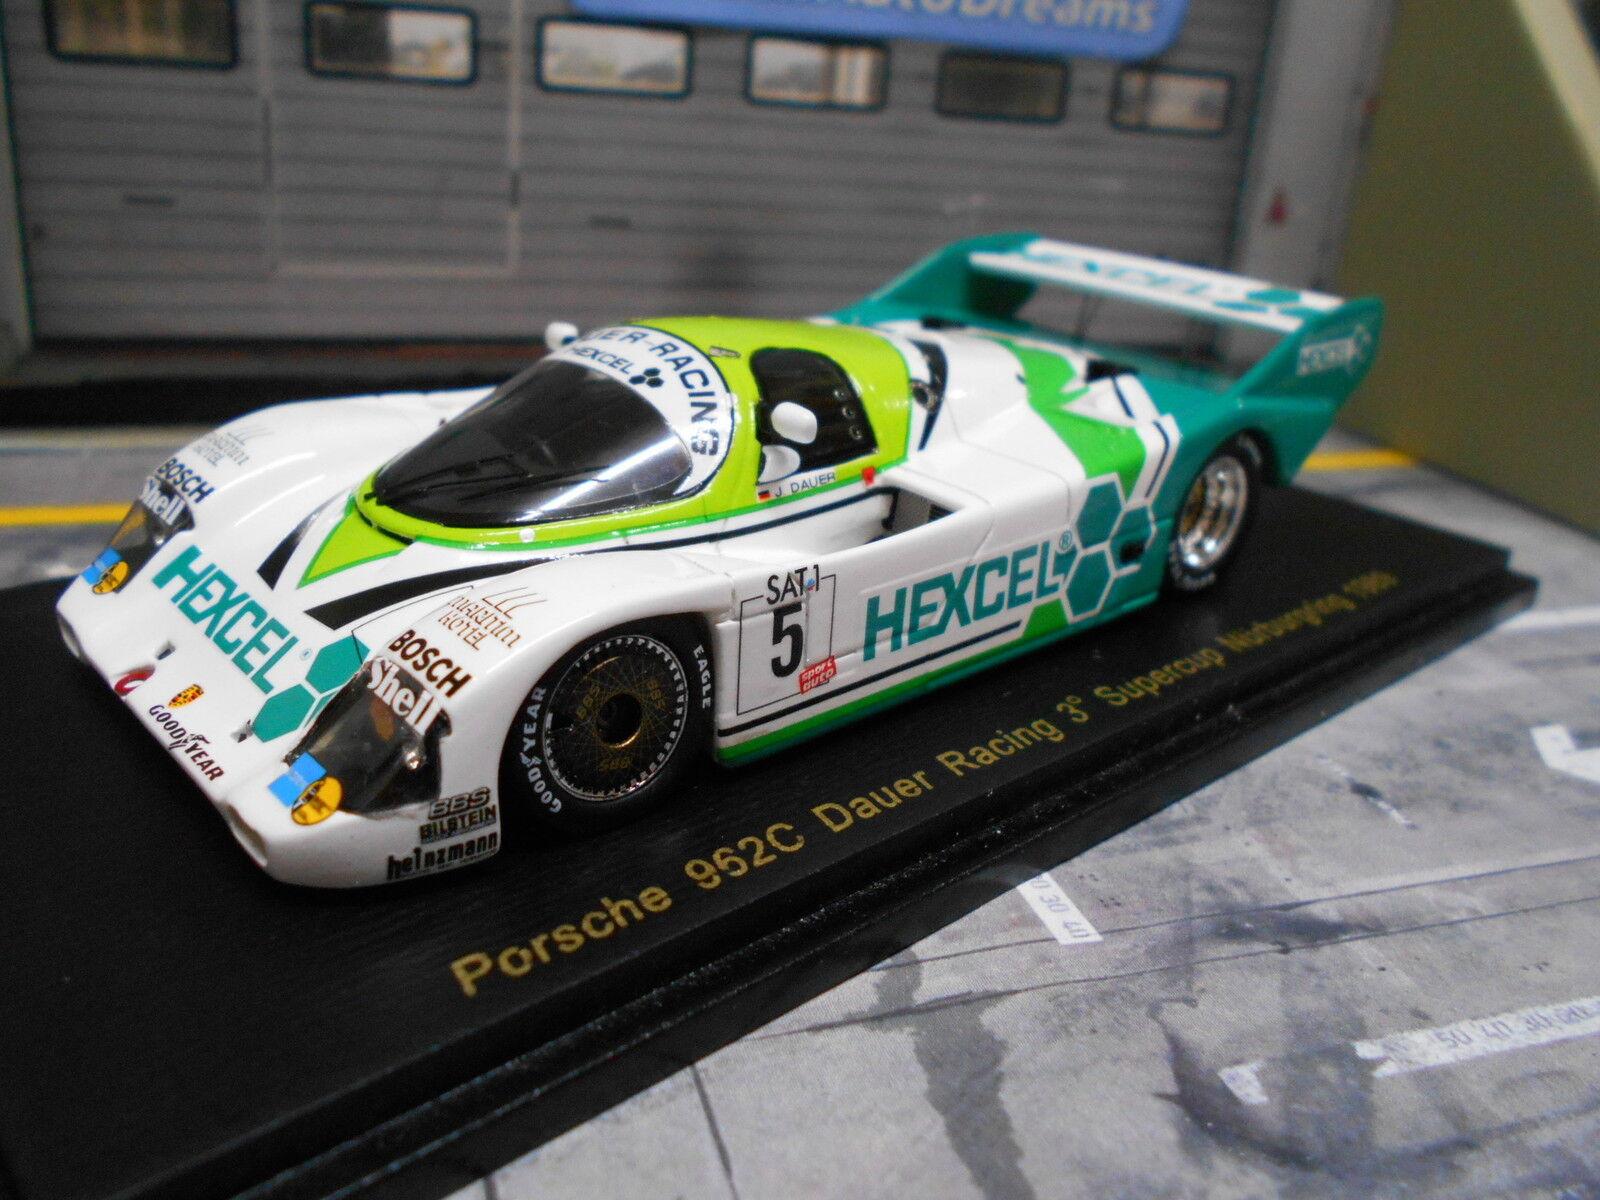 Porsche 962c 962 C durée racing Nurburgring 1989 Hexcel limit 1 300 spark 1 43